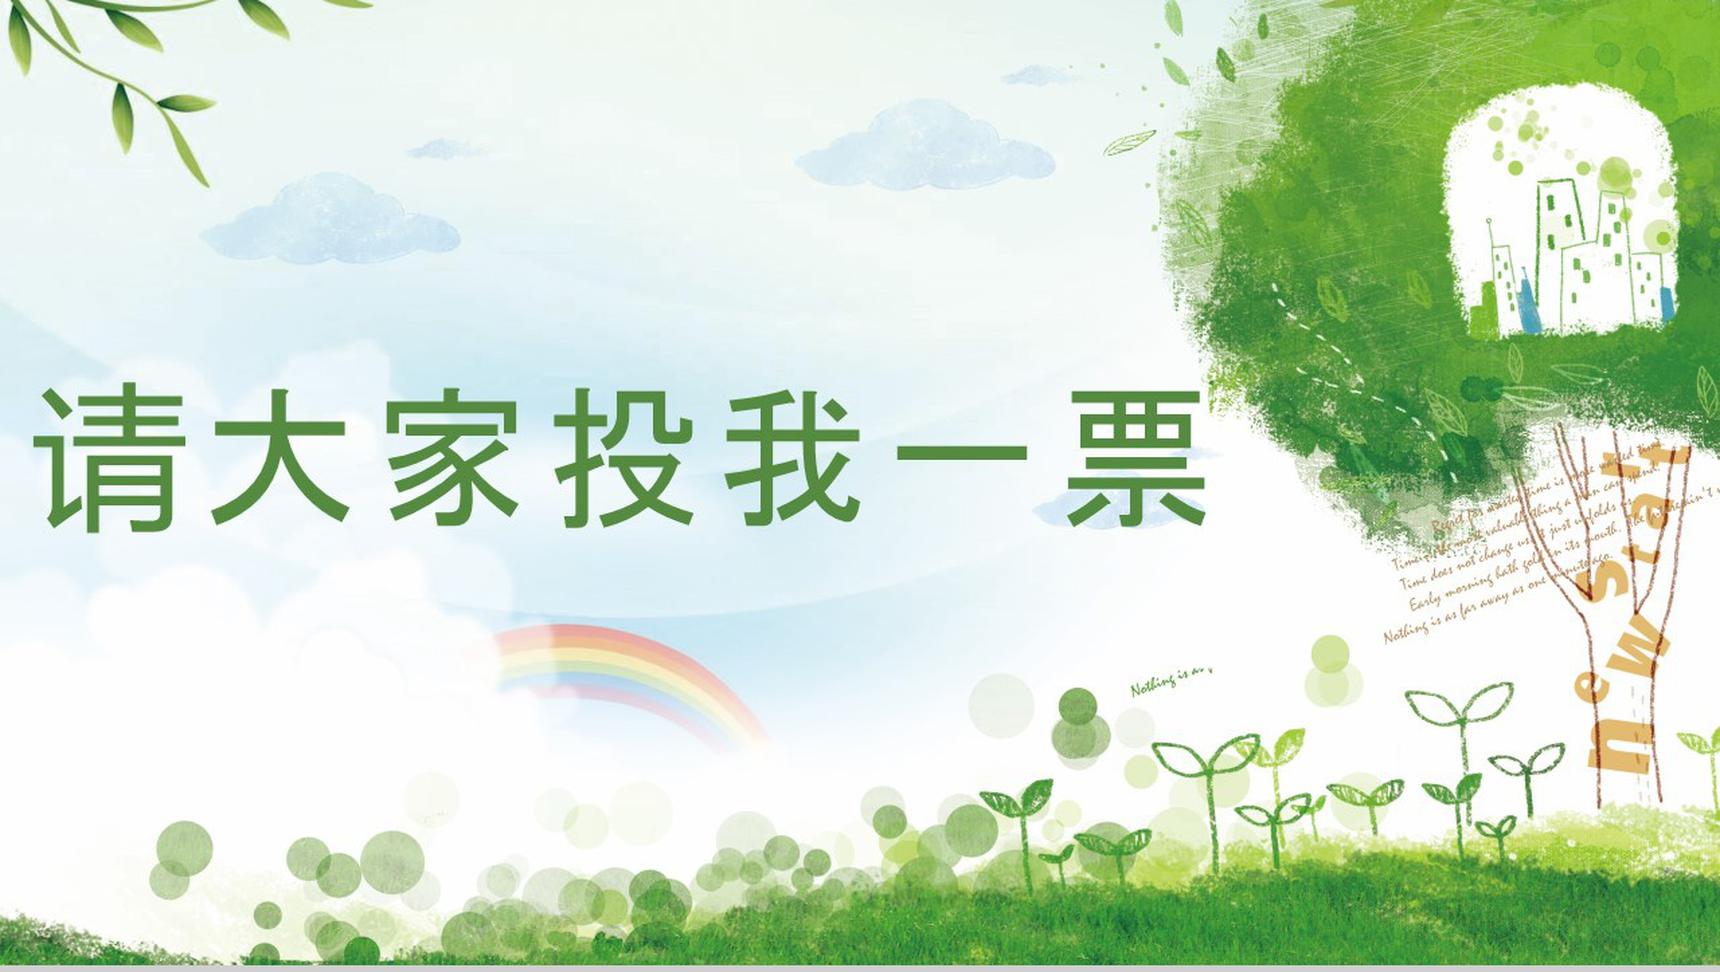 绿色手绘清新班干竞选自我介绍ppt模板